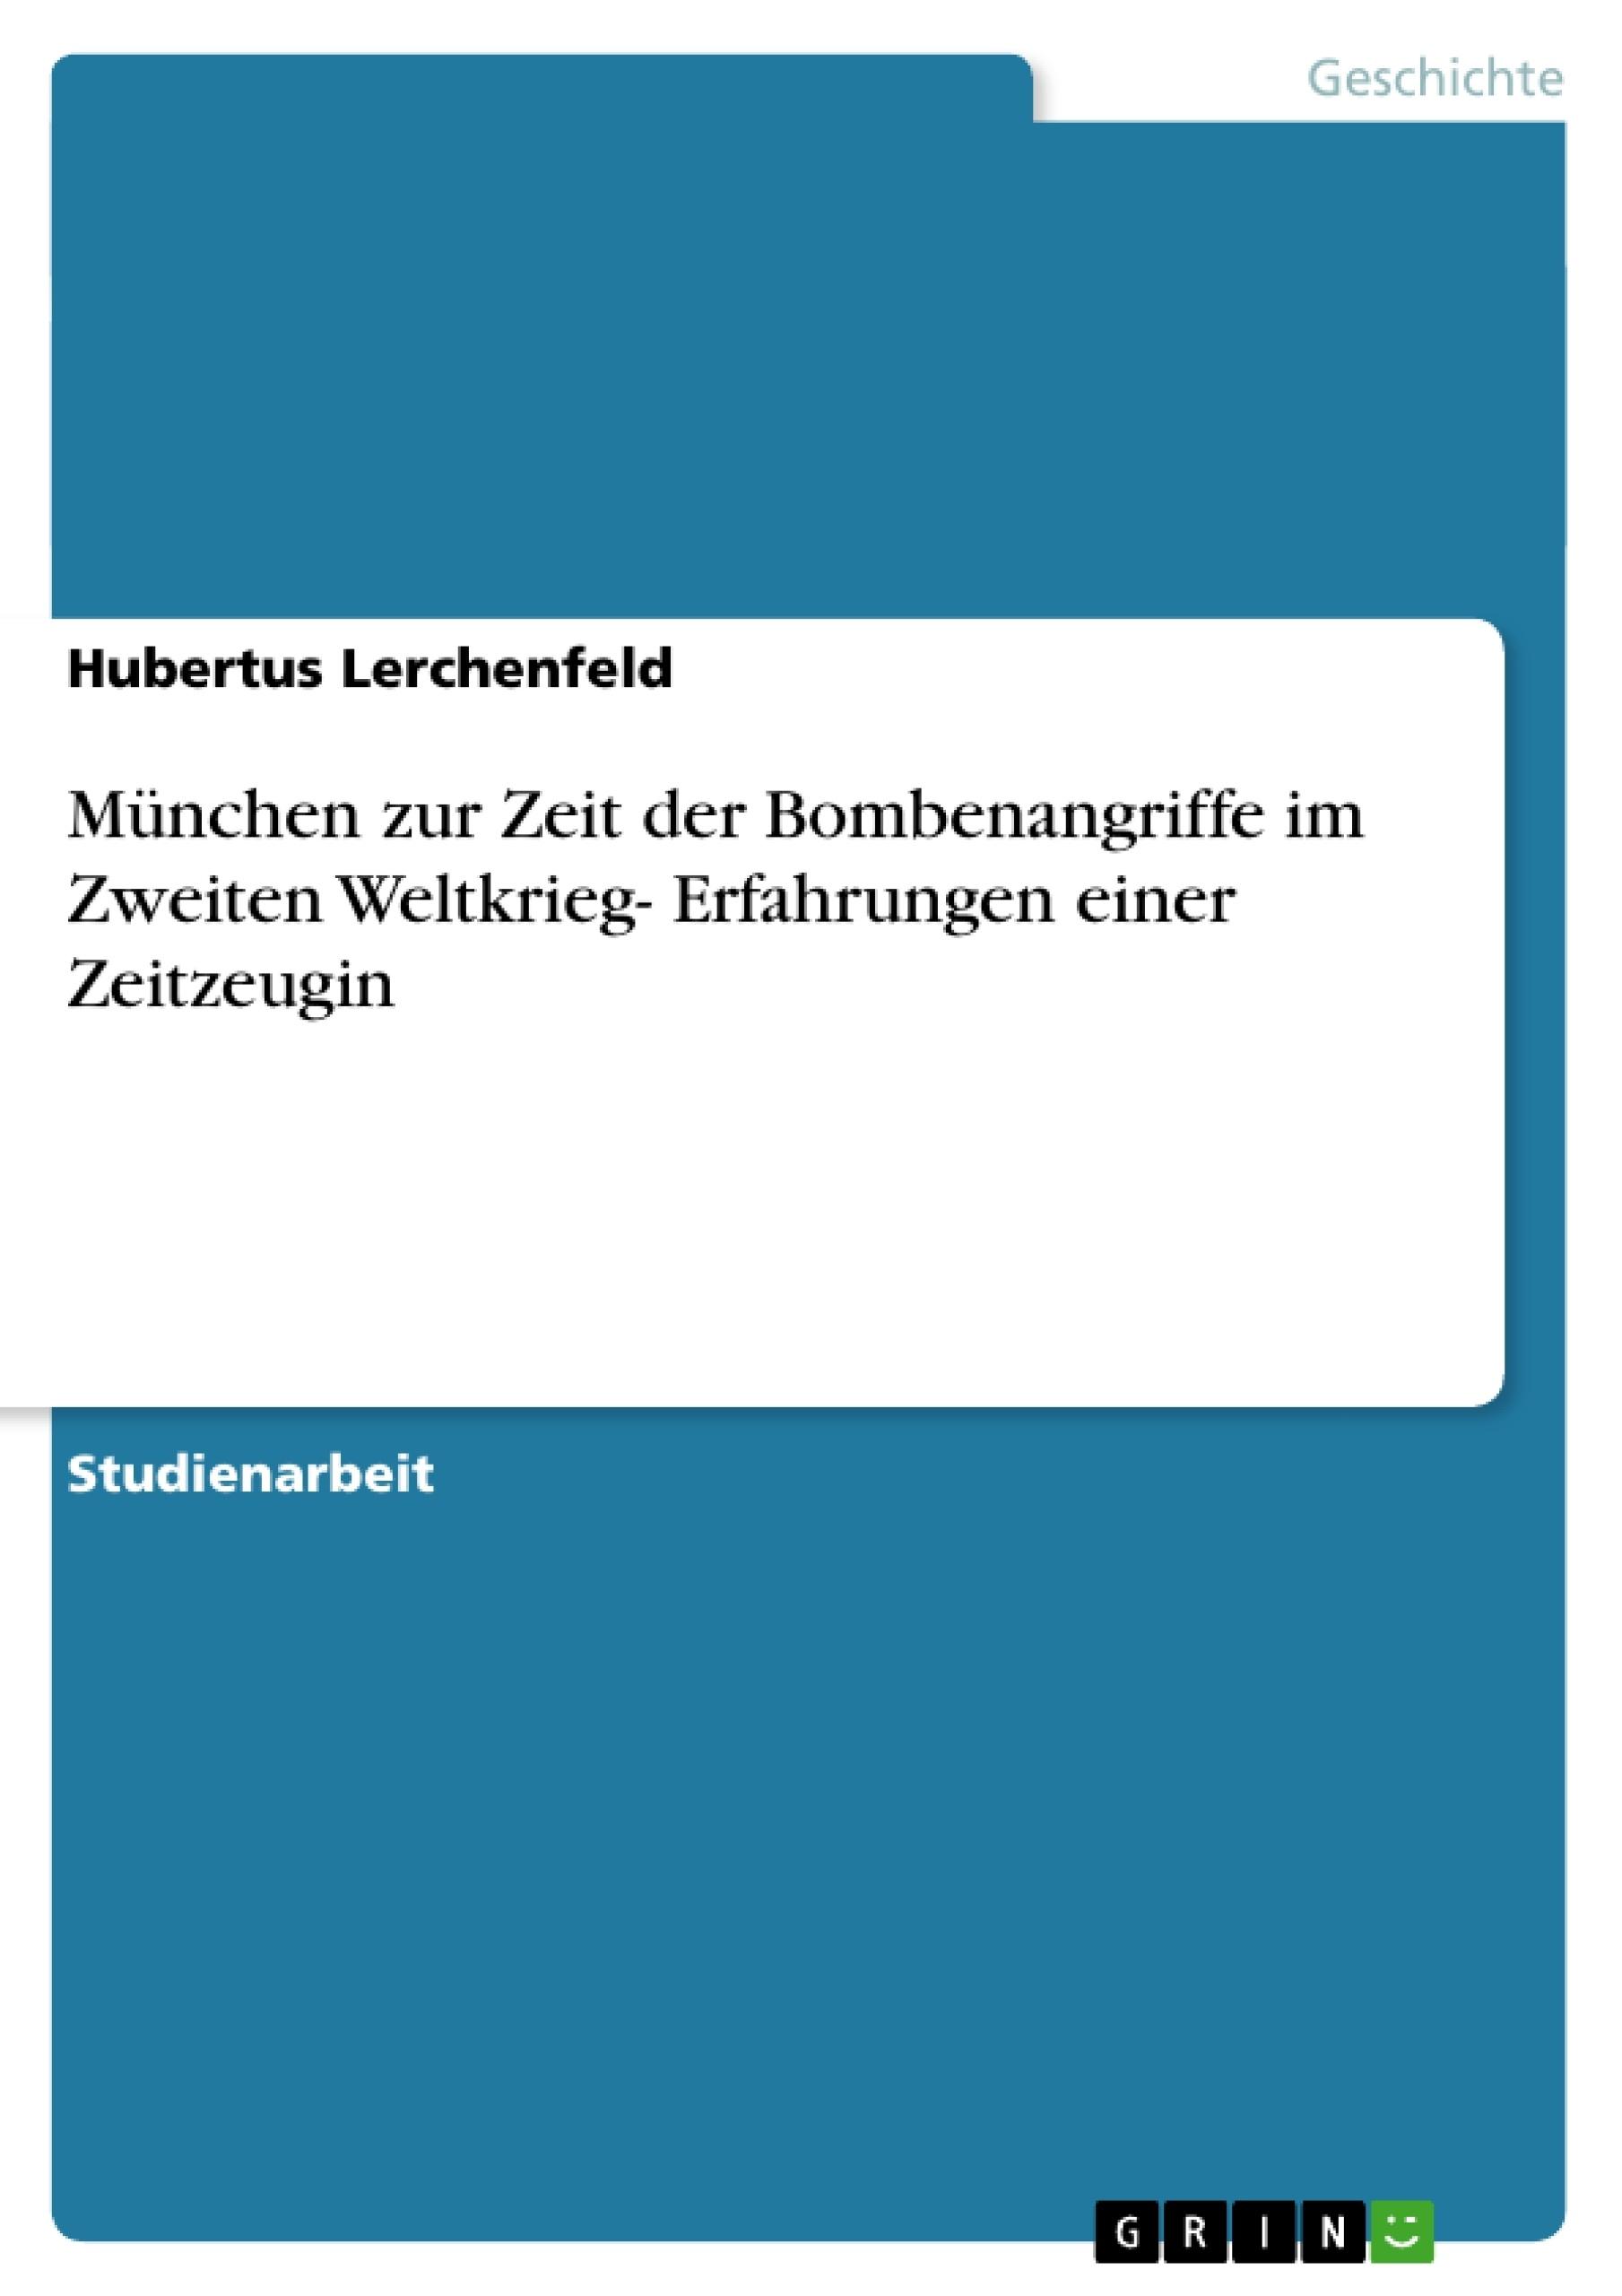 Titel: München zur Zeit der Bombenangriffe im Zweiten Weltkrieg- Erfahrungen einer Zeitzeugin